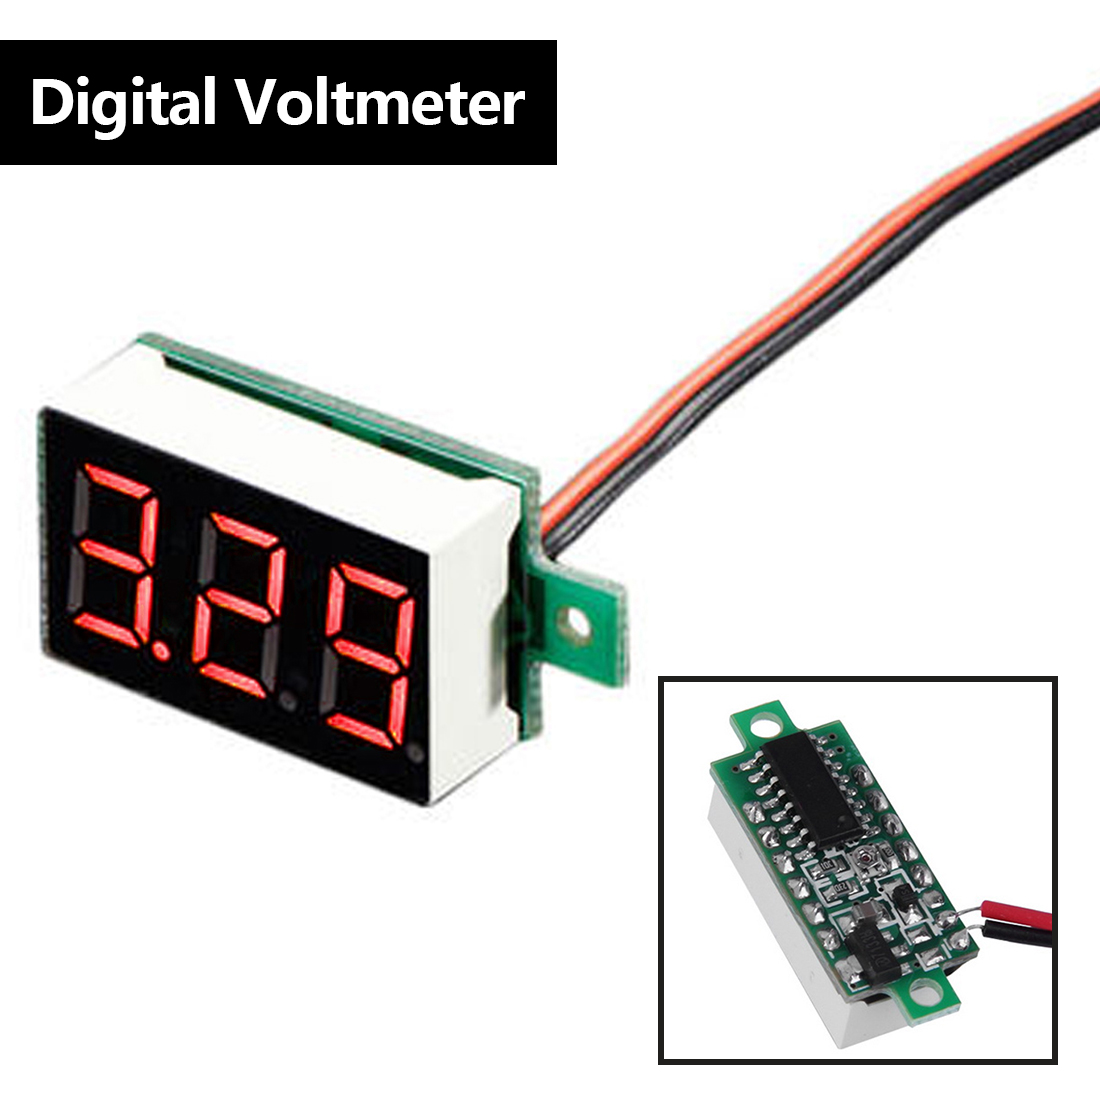 Voltage Meter DC 2.5 to 32V LCD Digital Voltmeter Red LED Amp Volt Meter Gauge New Arrival 2pc lcd digital voltmeter ammeter voltimetro red led amp amperimetro volt meter gauge voltage meter dc wholesale